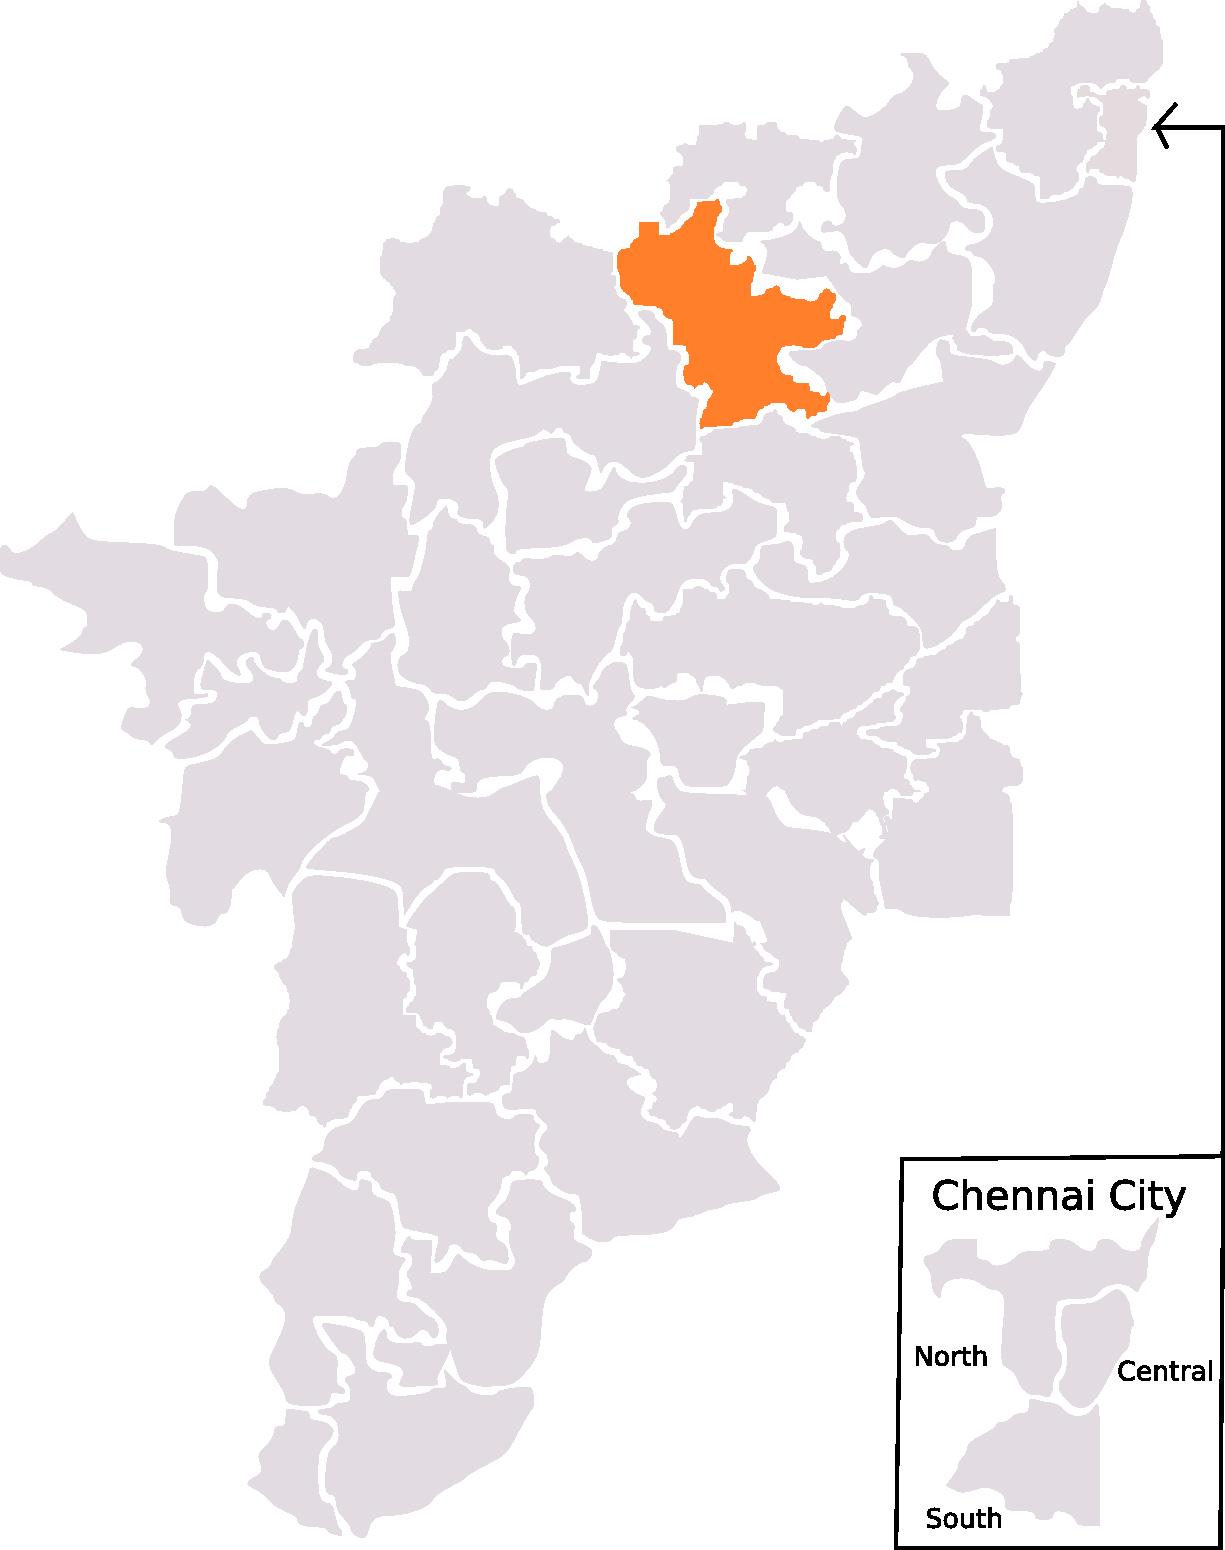 Tirupattur (Lok Sabha constituency) - Wikipedia